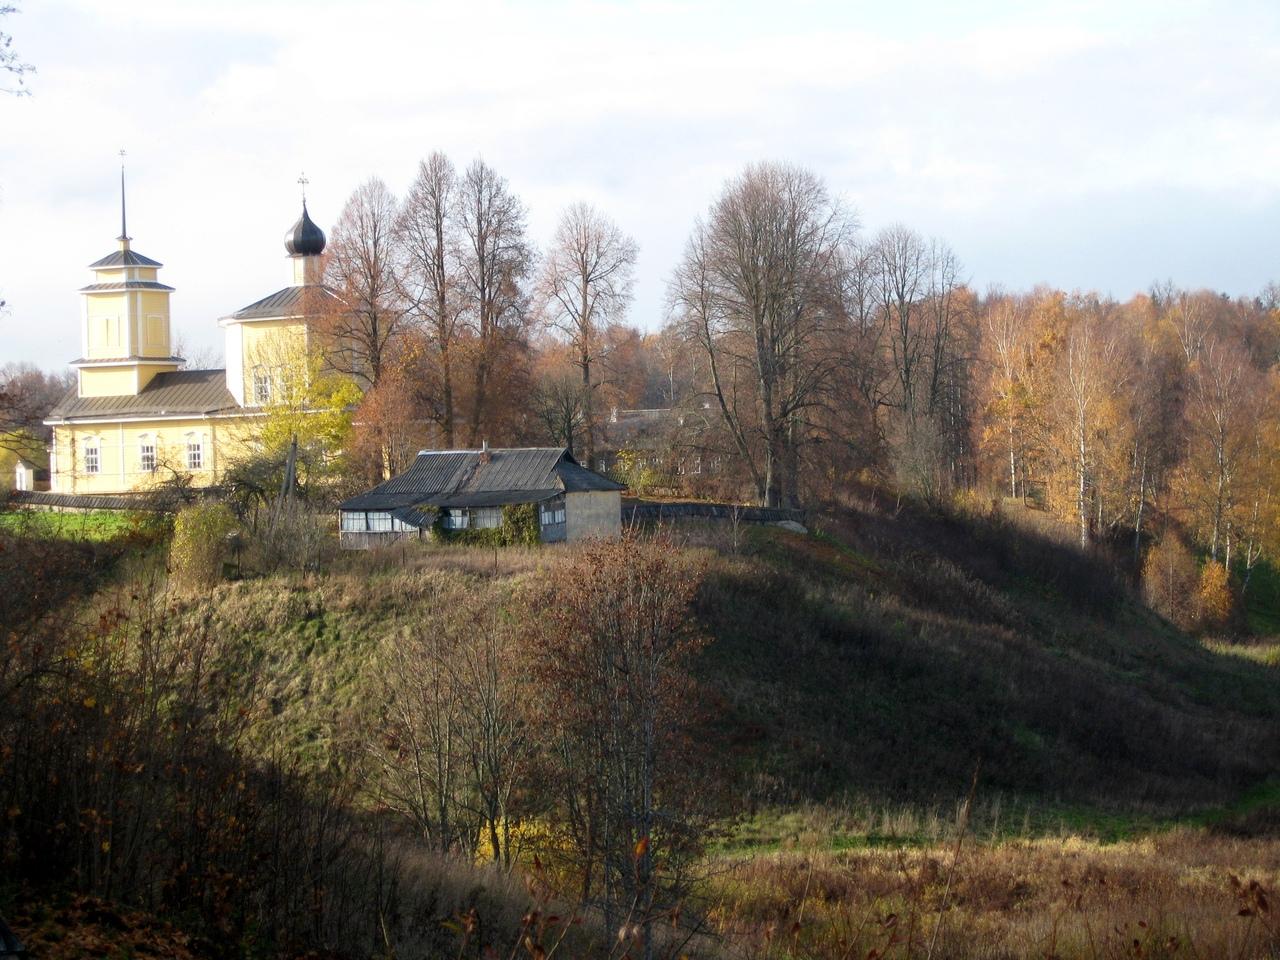 Поездка в Пушкиногорье. Два древних городища - Воронич и Савкино. Наследие Древней Руси